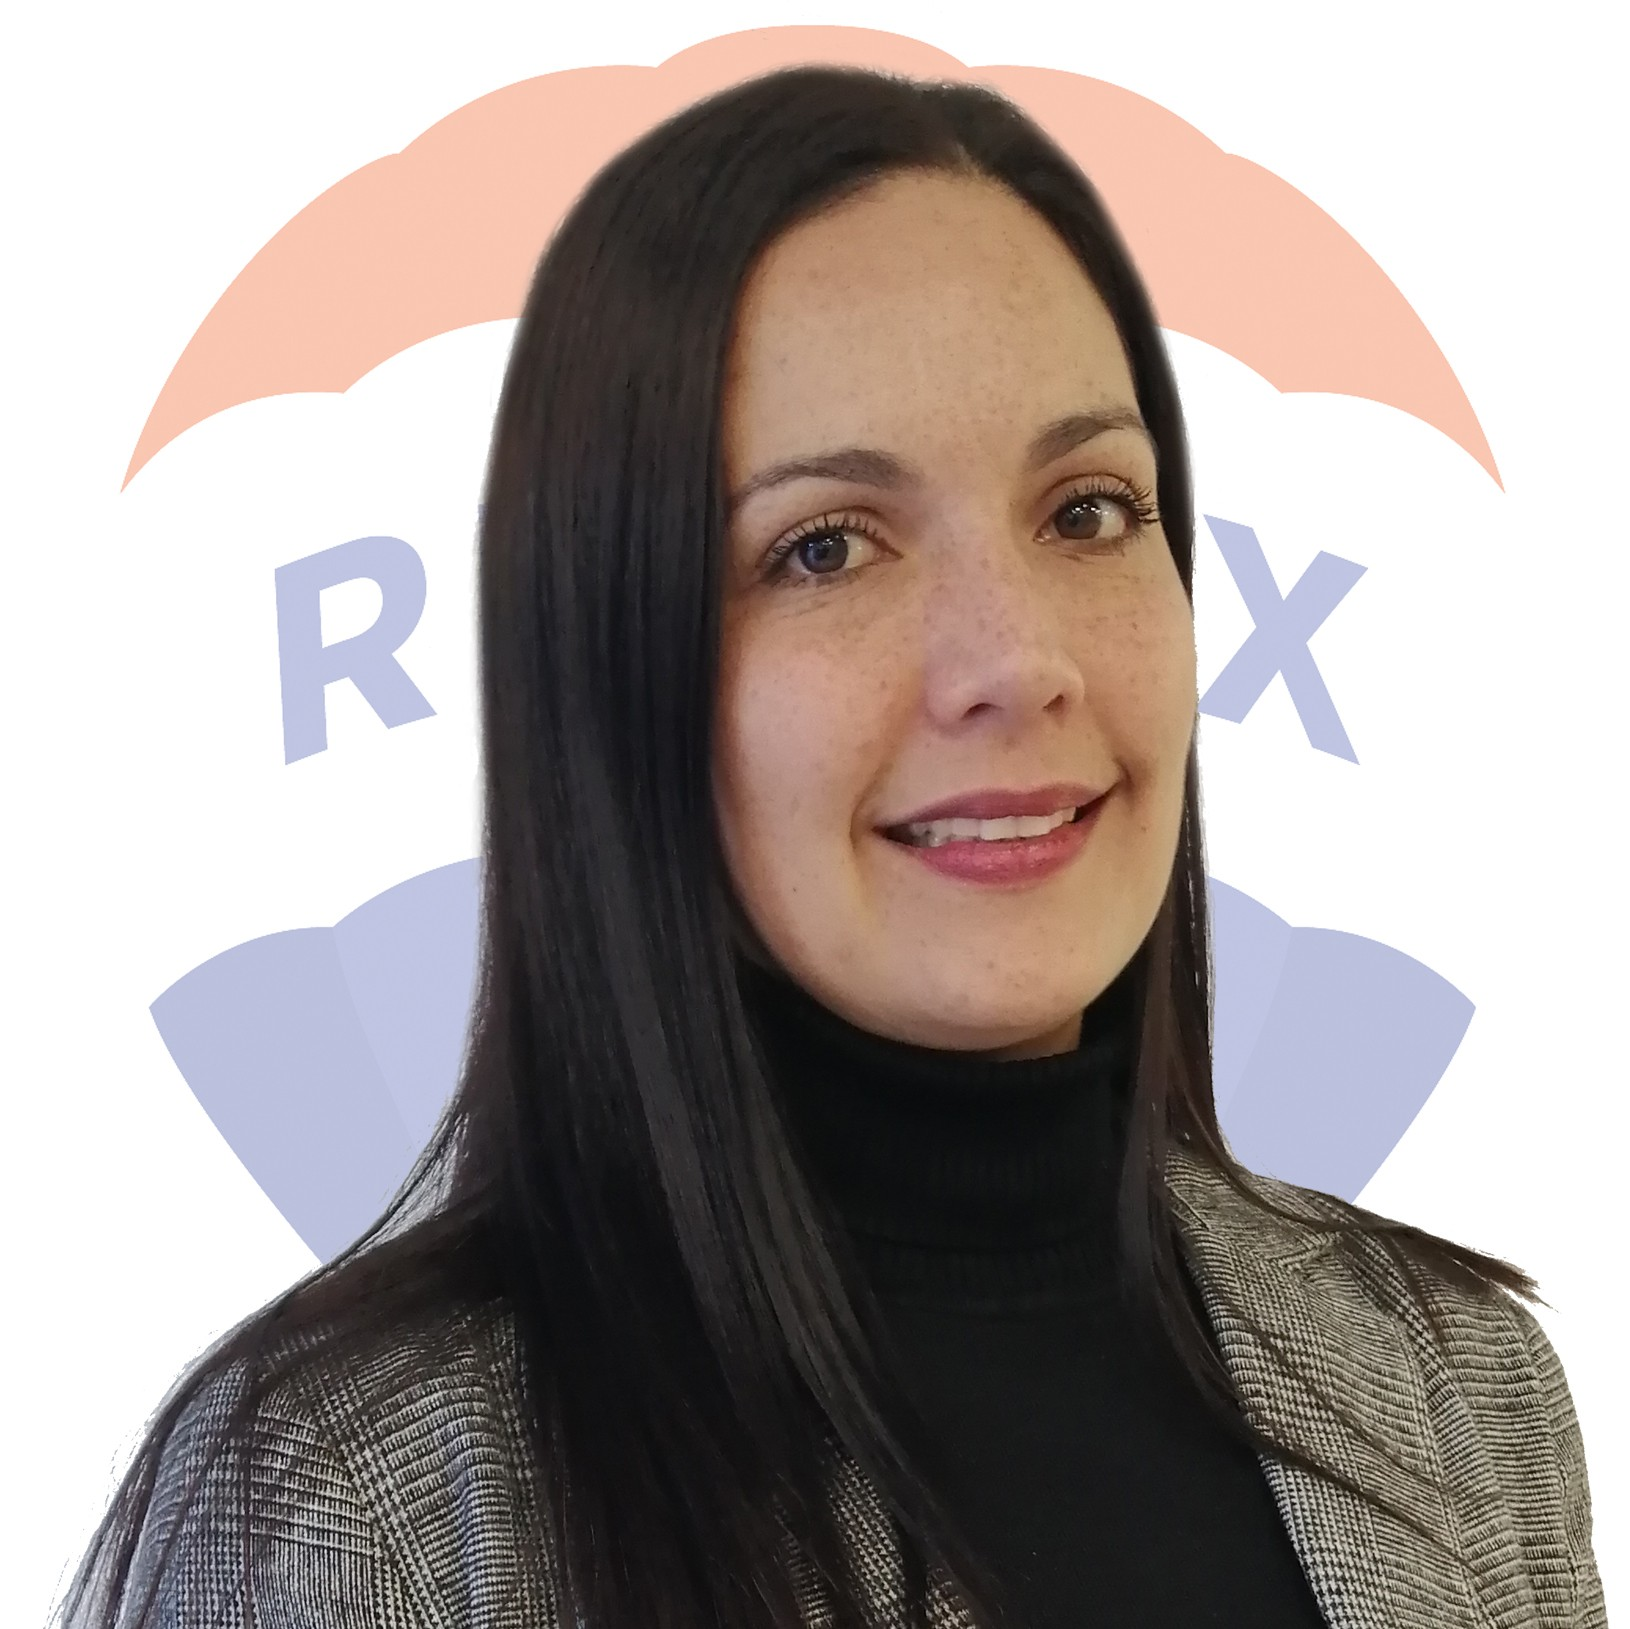 Carla Bertolotti